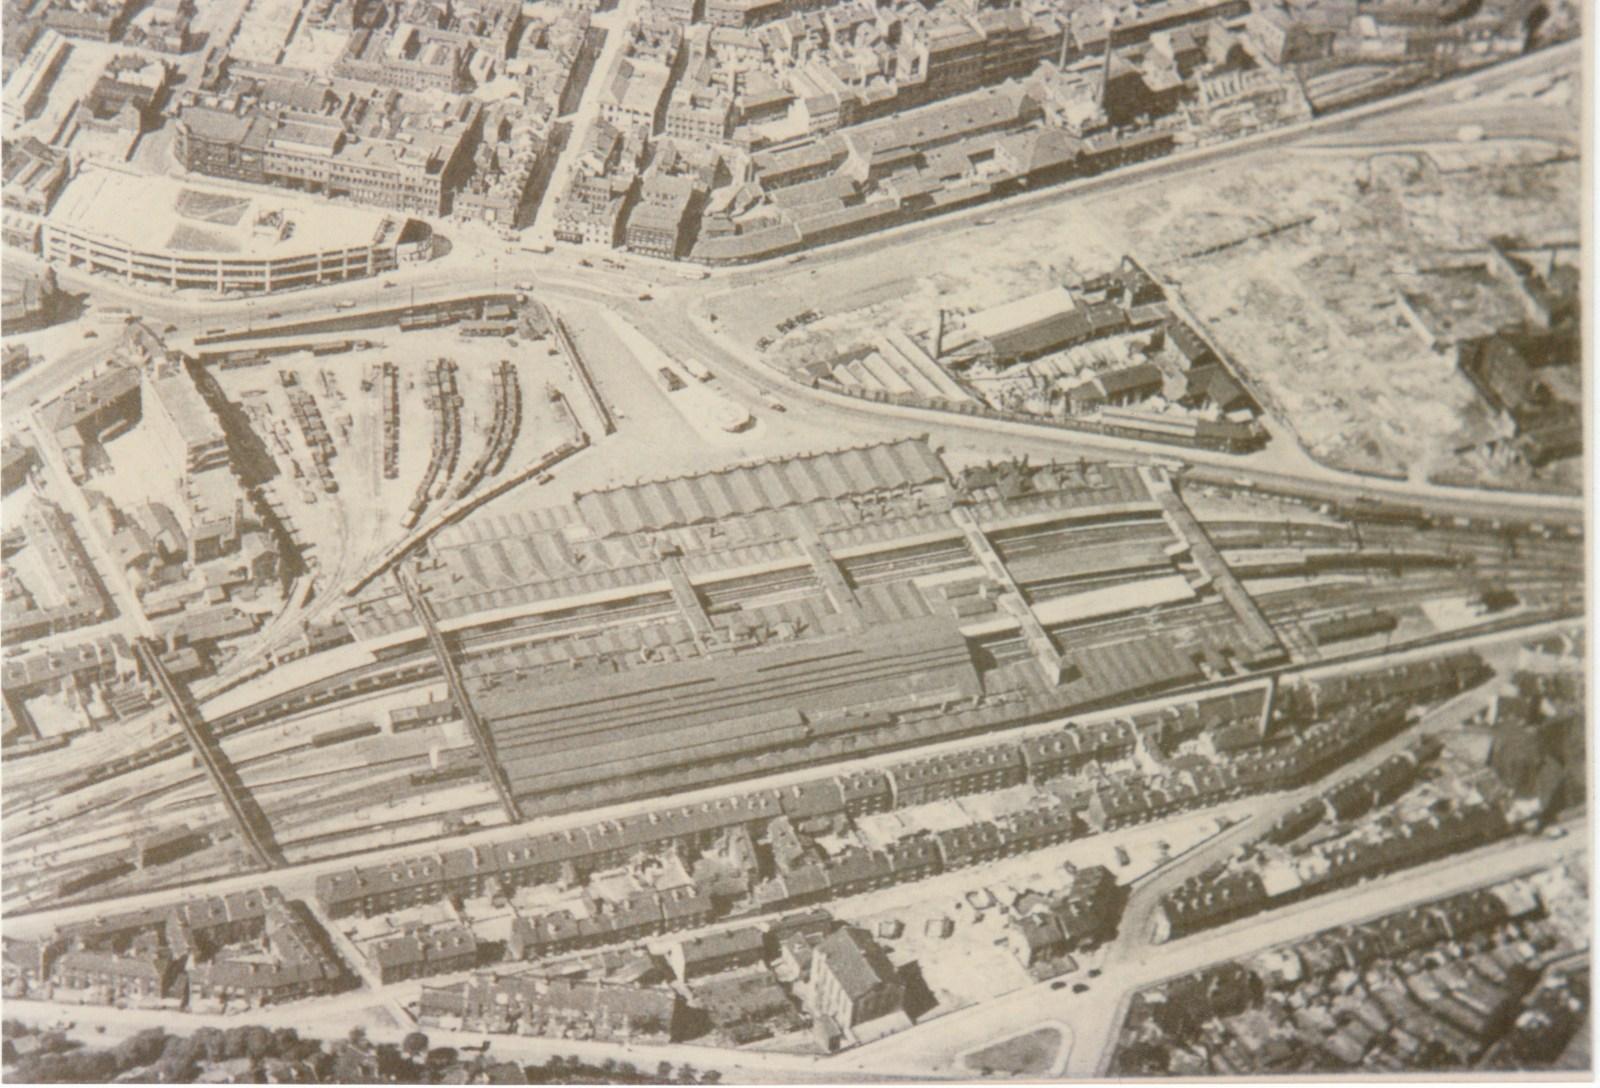 Midland Station 1937.jpg